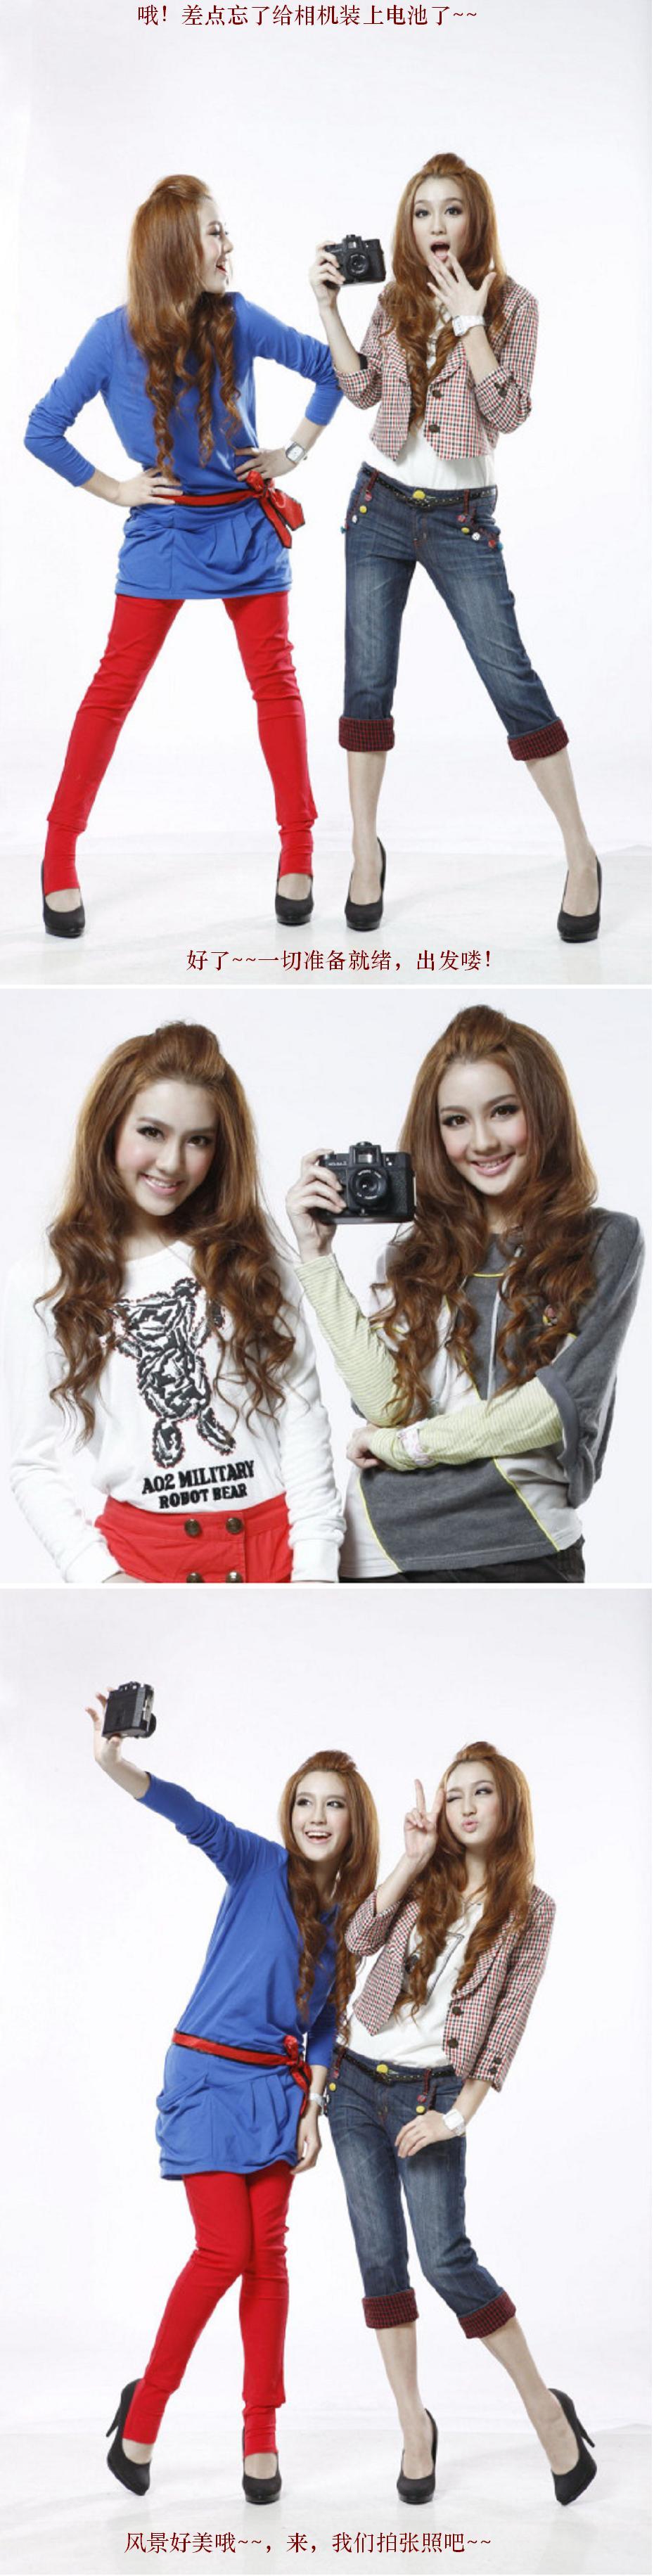 杂交混血双胞胎美女真漂亮美女极品